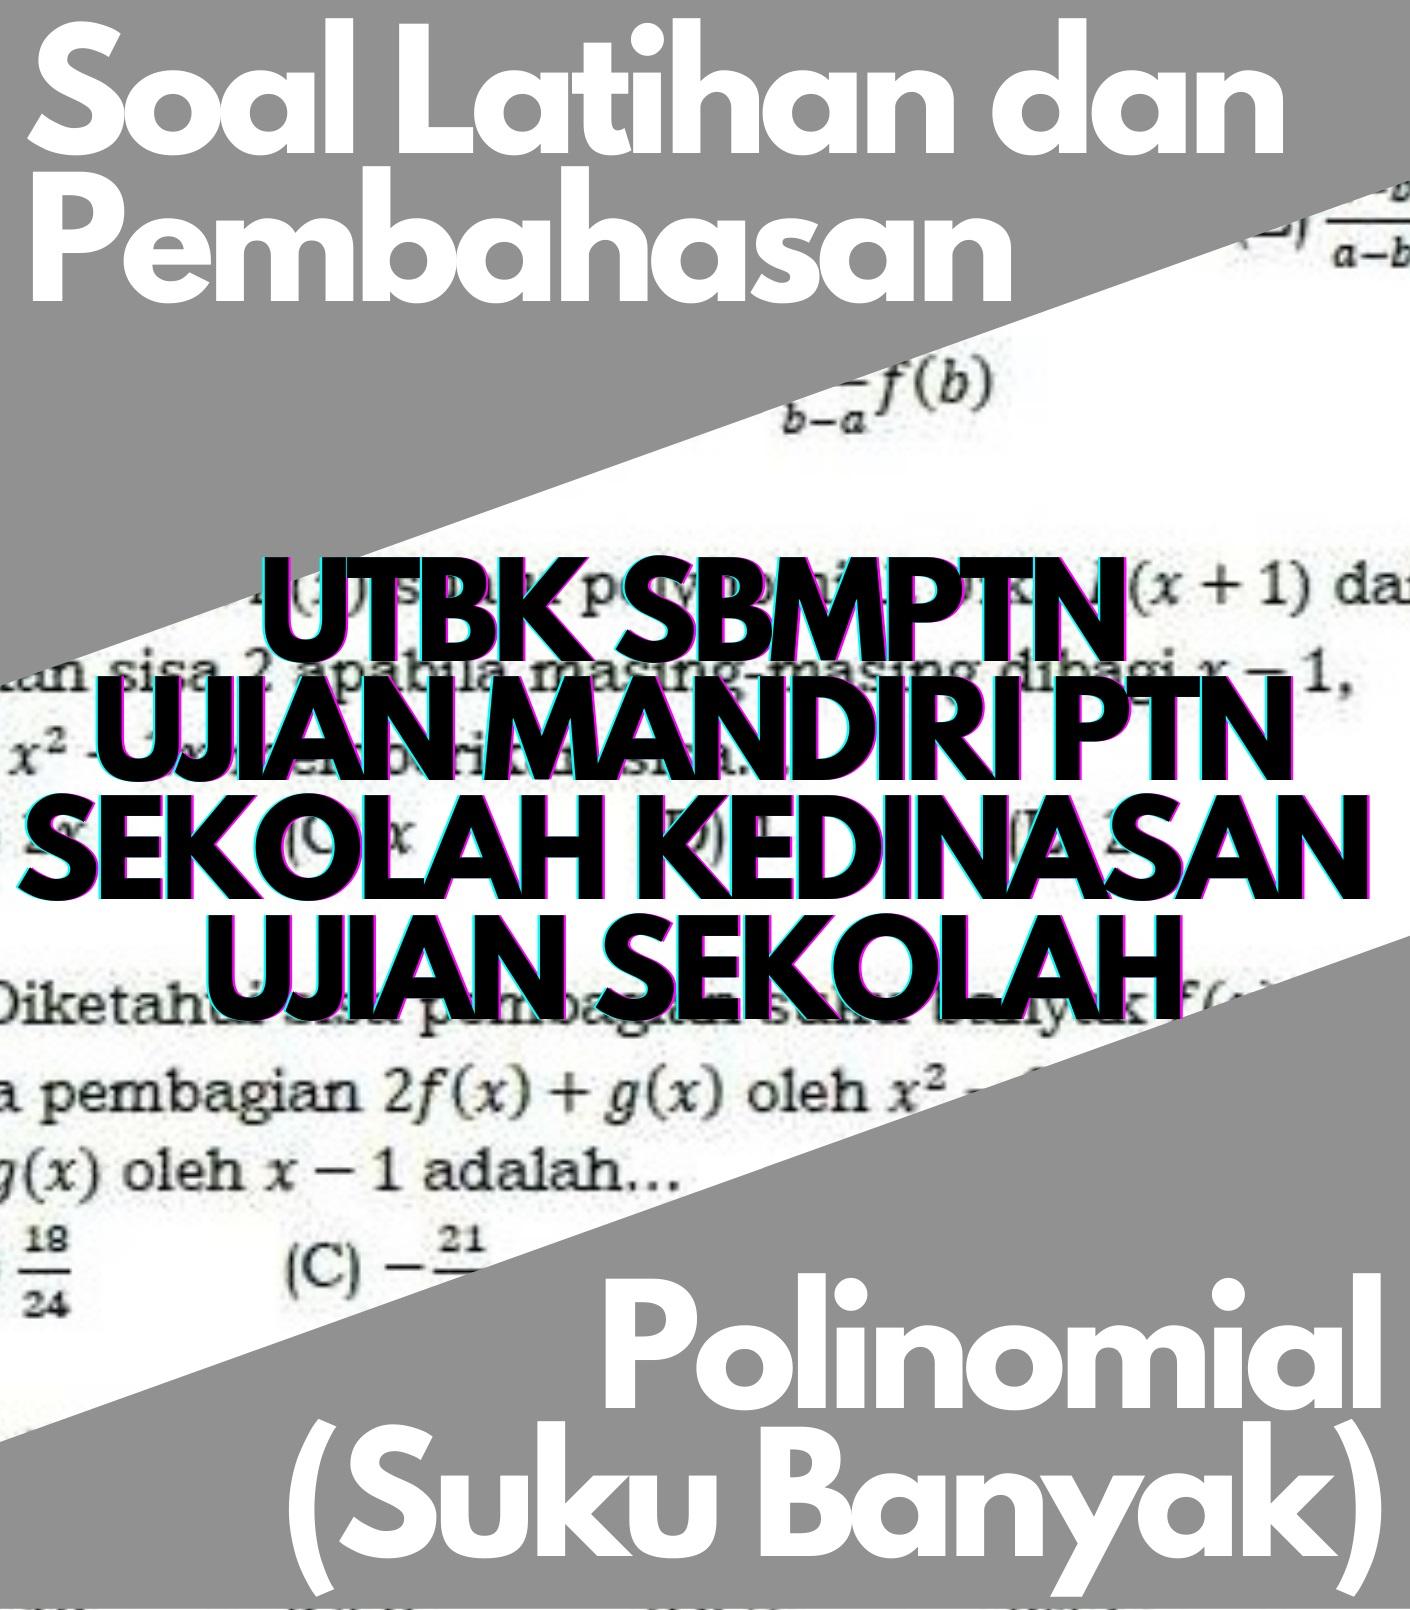 Matematika Dasar Suku Banyak Atau Polinomial (*Soal Dari Berbagai Sumber)